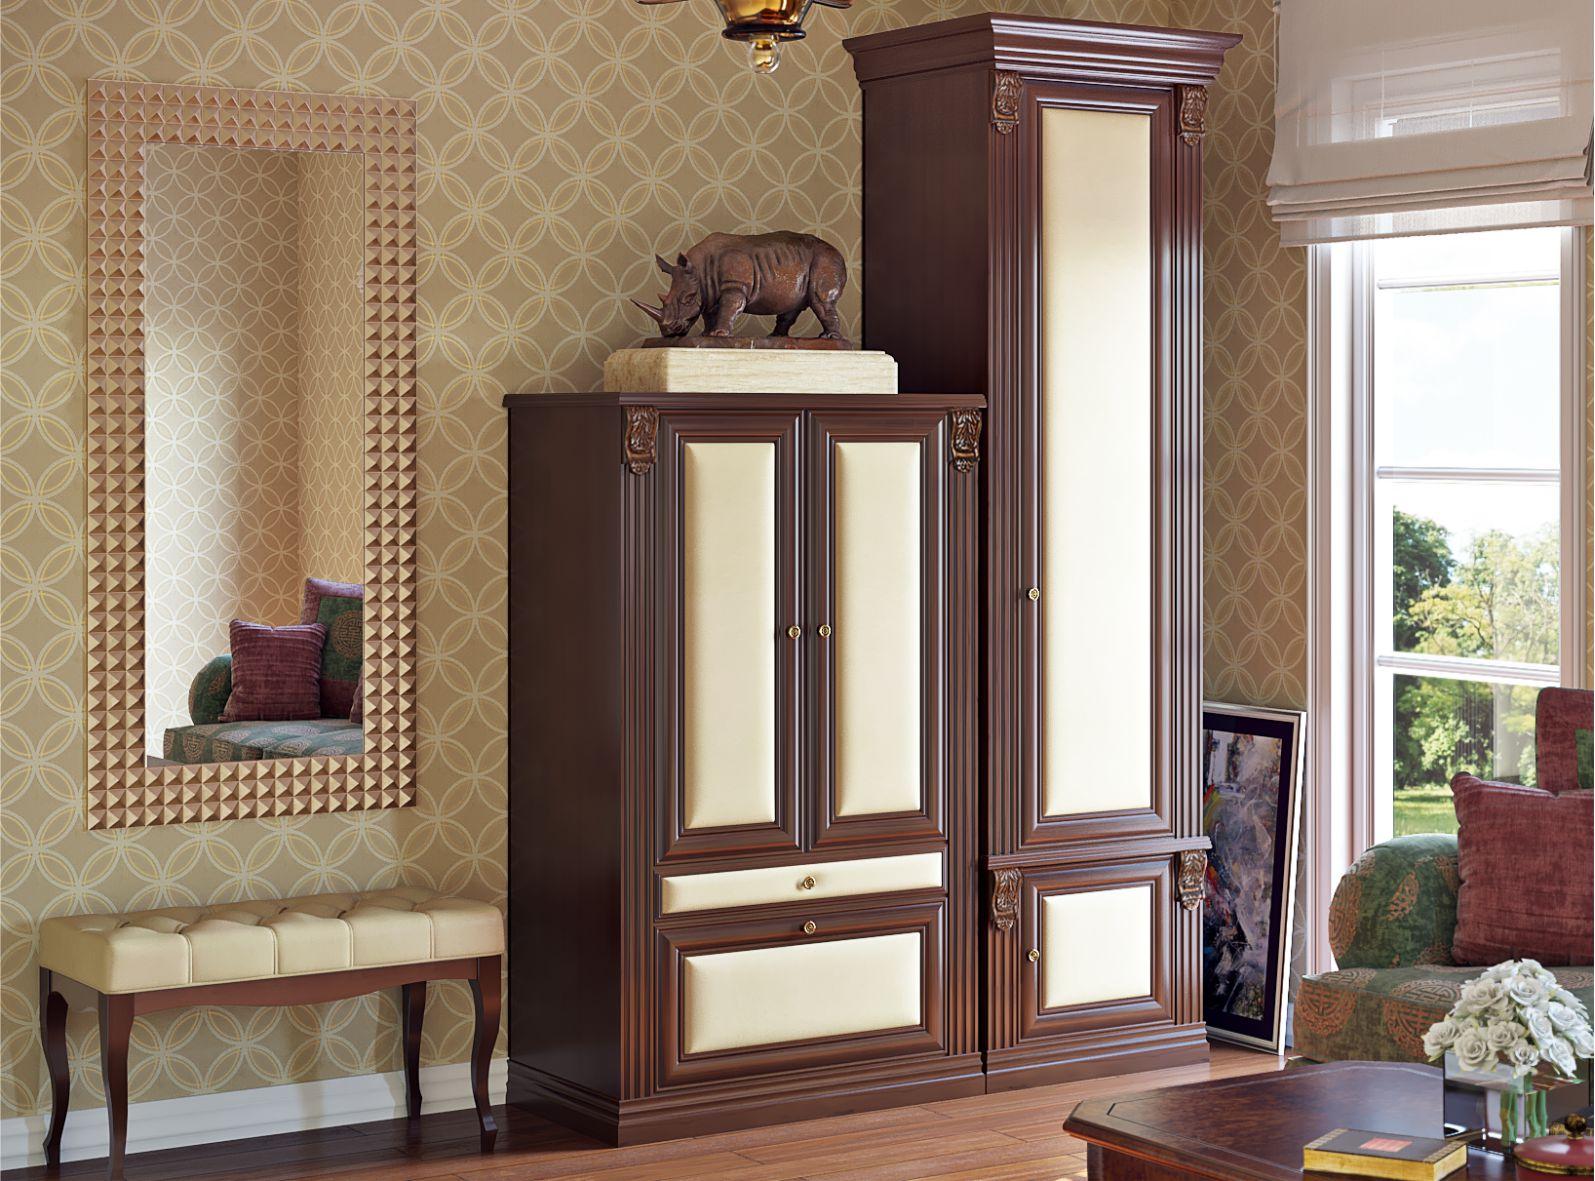 Комплект мебели для прихожей Б 5.15-1, Б5.16-6